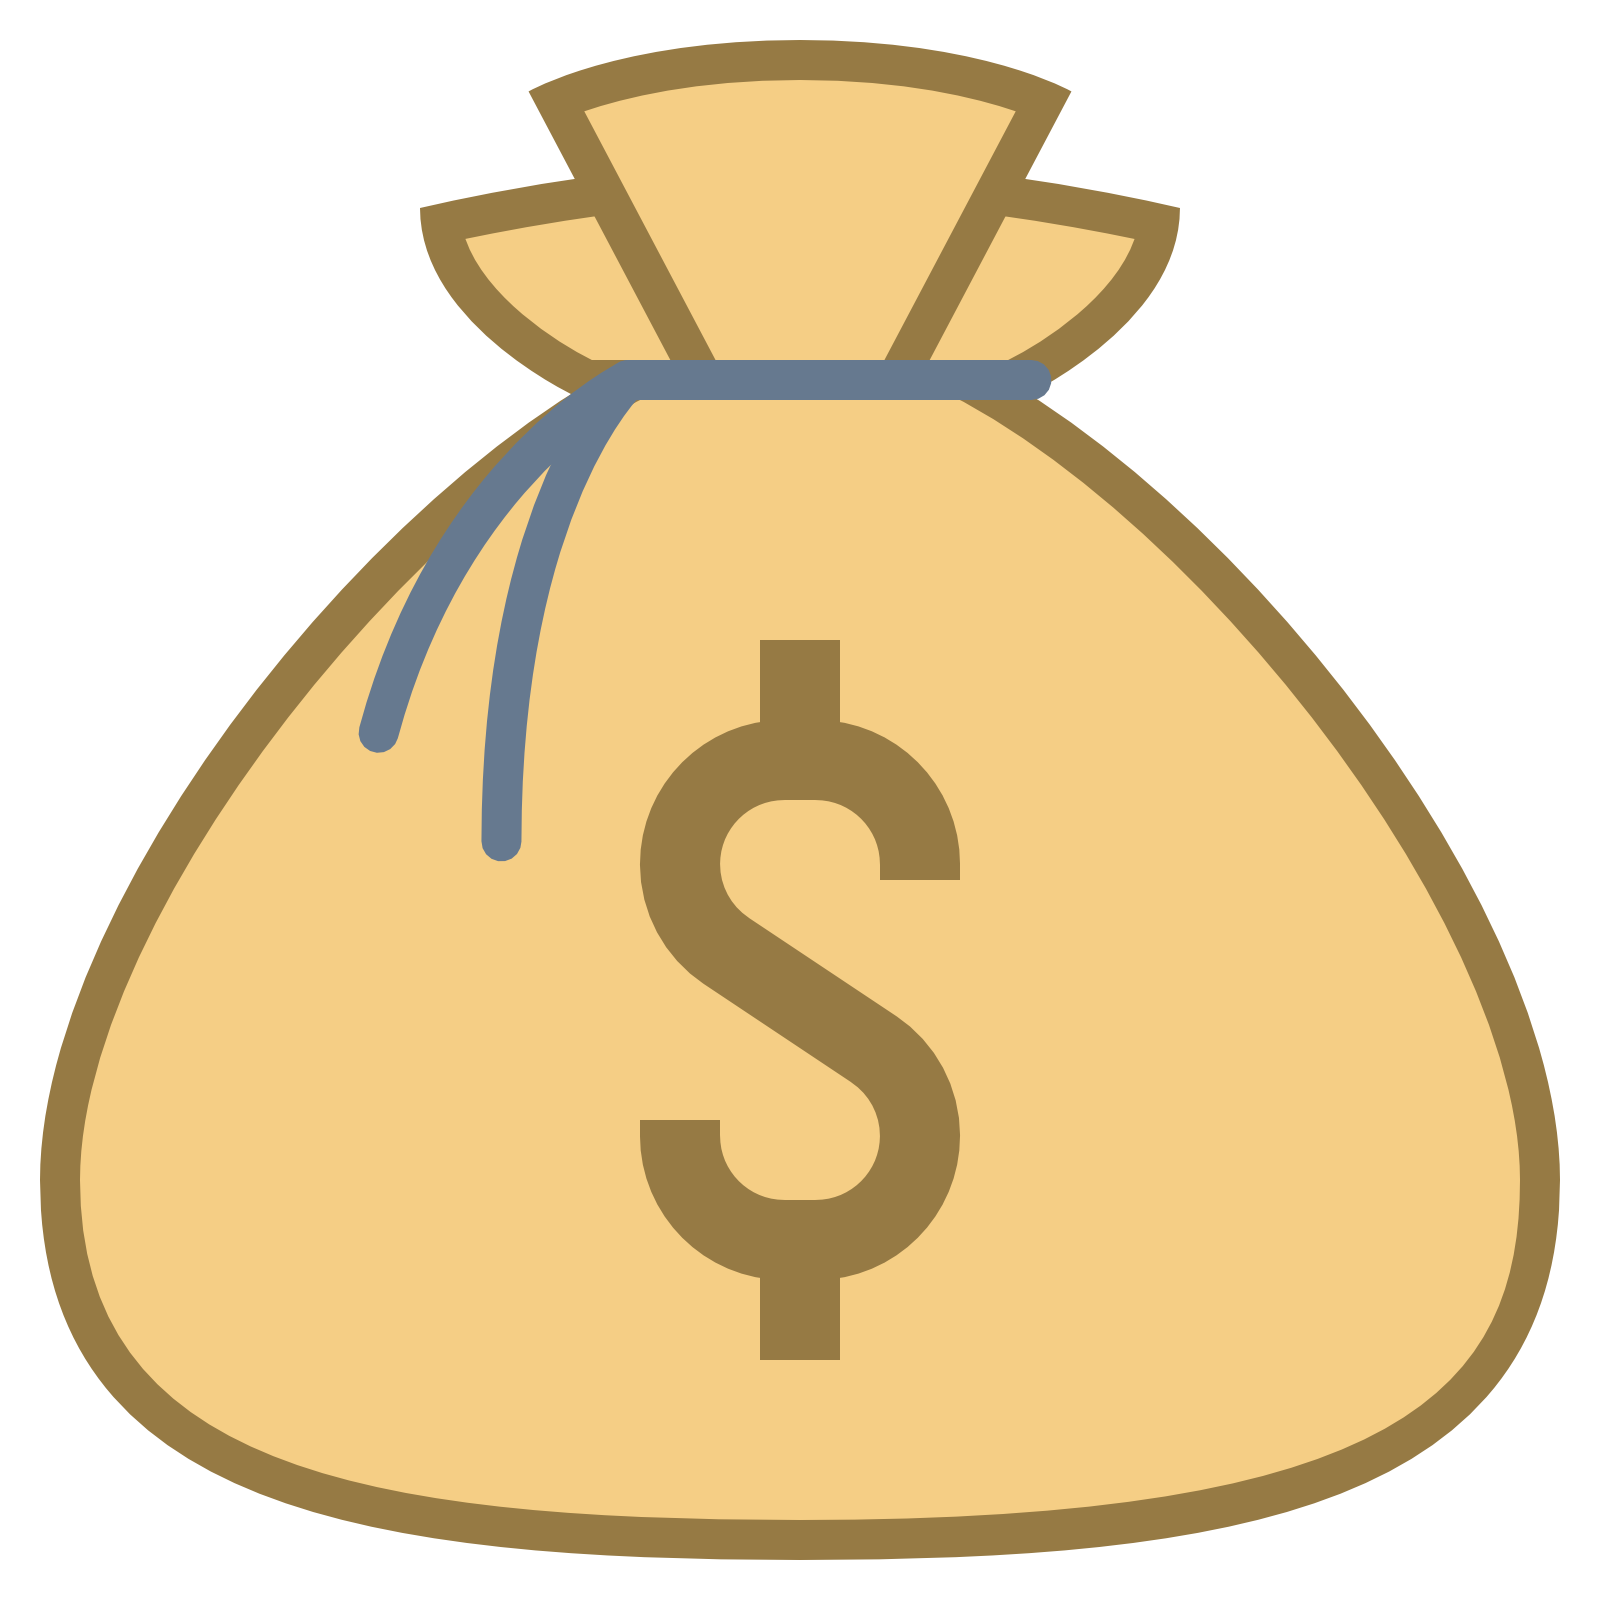 1600x1600 Money Bag Clipart